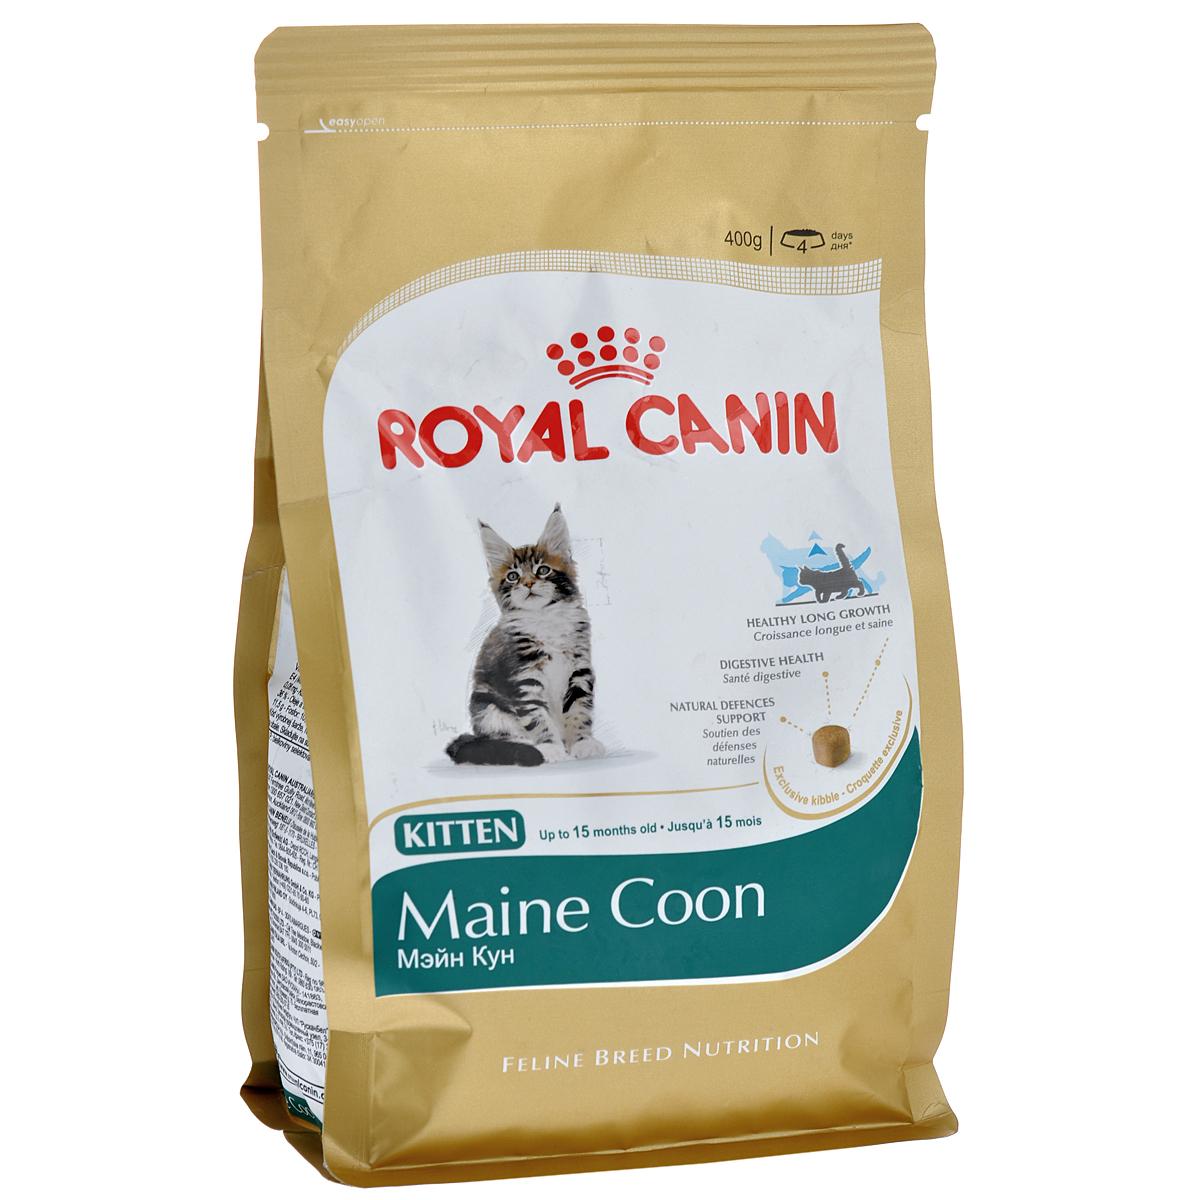 Корм сухой Royal Canin Maine Coon Kitten, для котят породы мейн-кун в возрасте от 3 до 15 месяцев, 400 г941Сухой корм Royal Canin Maine Coon Kitten - полнорационный корм для котят породы мейн-кун в возрасте от 3 до 15 месяцев. Фаза роста котят мейн-куна в силу их уникального экстерьера более продолжительна, чем у кошек других пород. Удивительный факт: трехмесячный мейн-кун весит около 2 кг — почти вдвое больше, чем котята других пород в этом возрасте! Длительный период роста. В силу своей особой комплекции котенок породы мейн-кун достигает зрелости только к 15 месяцам или даже позже. Длительный период роста означает, что диета для котят должна отвечать их специфическим потребностям в энергии: это обеспечит гармоничное и сбалансированное развитие. Для того чтобы обеспечить максимально сбалансированное развитие, следует заказать онлайн специальный корм, подходящий для этой породы. Чемпион по весу среди котят. Уже очень скоро котенок мейн-куна опережает по весу своих сверстников — представителей других пород кошек. Постепенно формируются массивные кости и мощные мышцы....